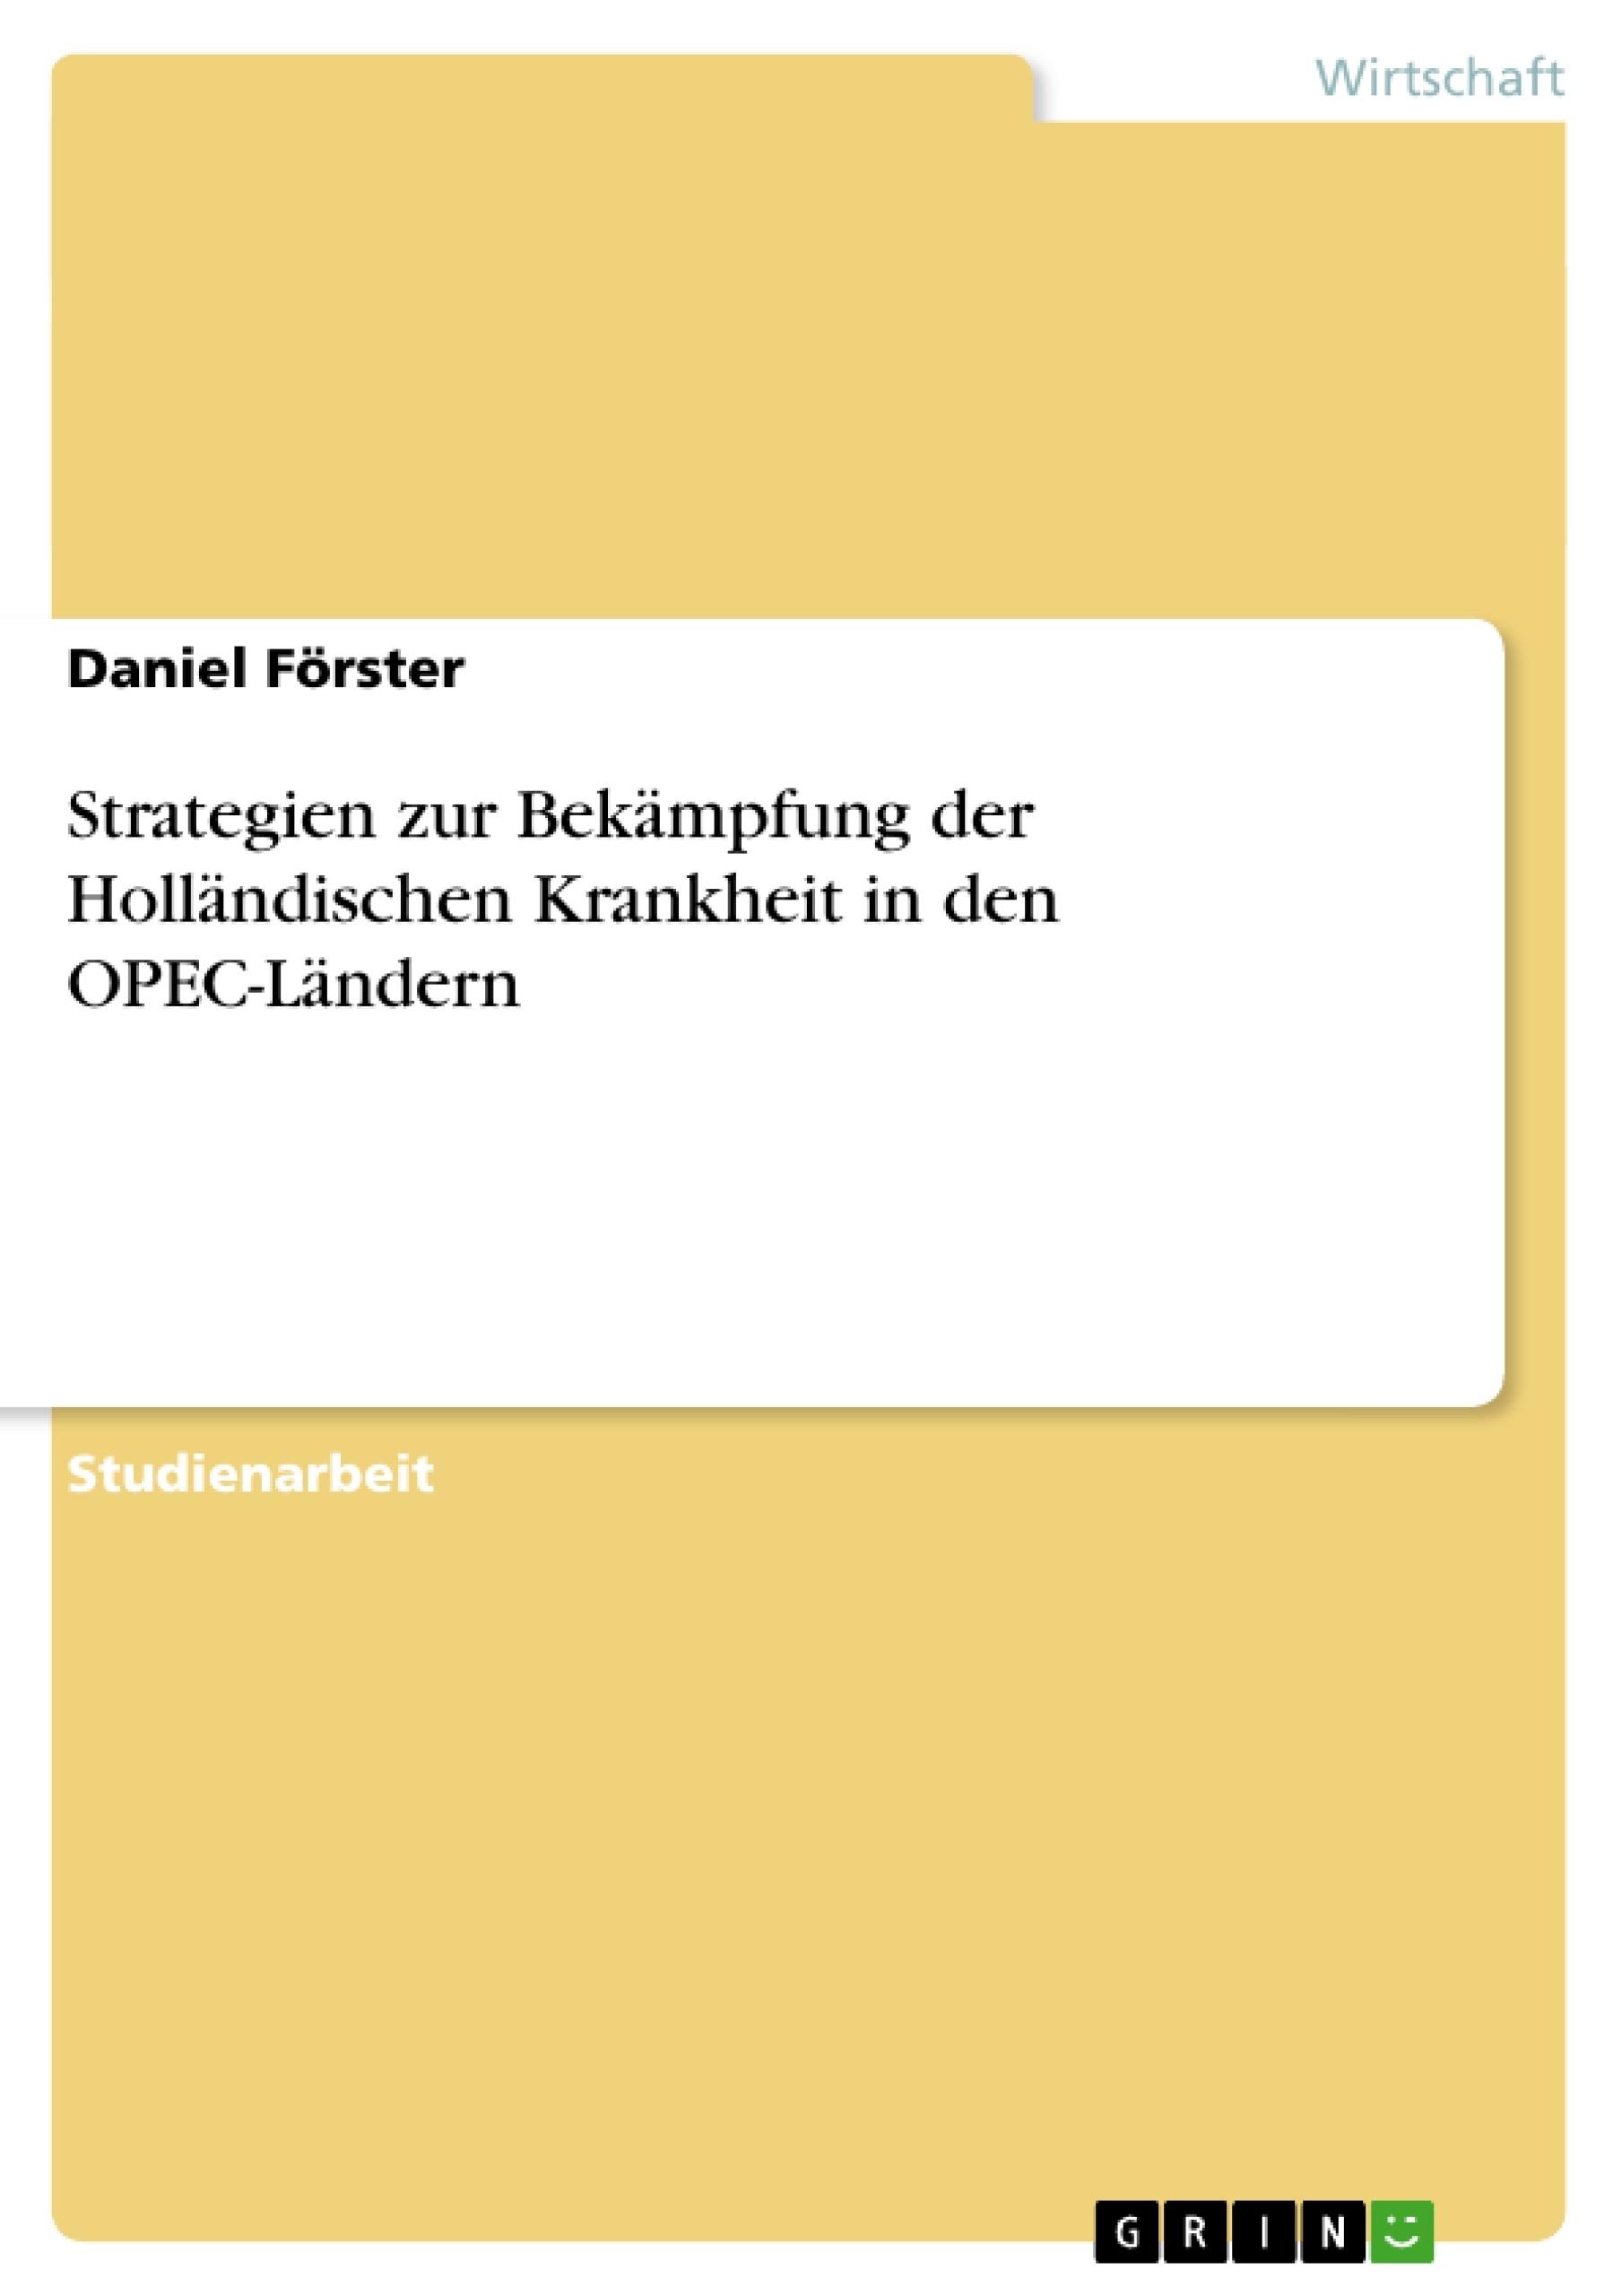 Titel: Strategien zur Bekämpfung der Holländischen Krankheit in den OPEC-Ländern